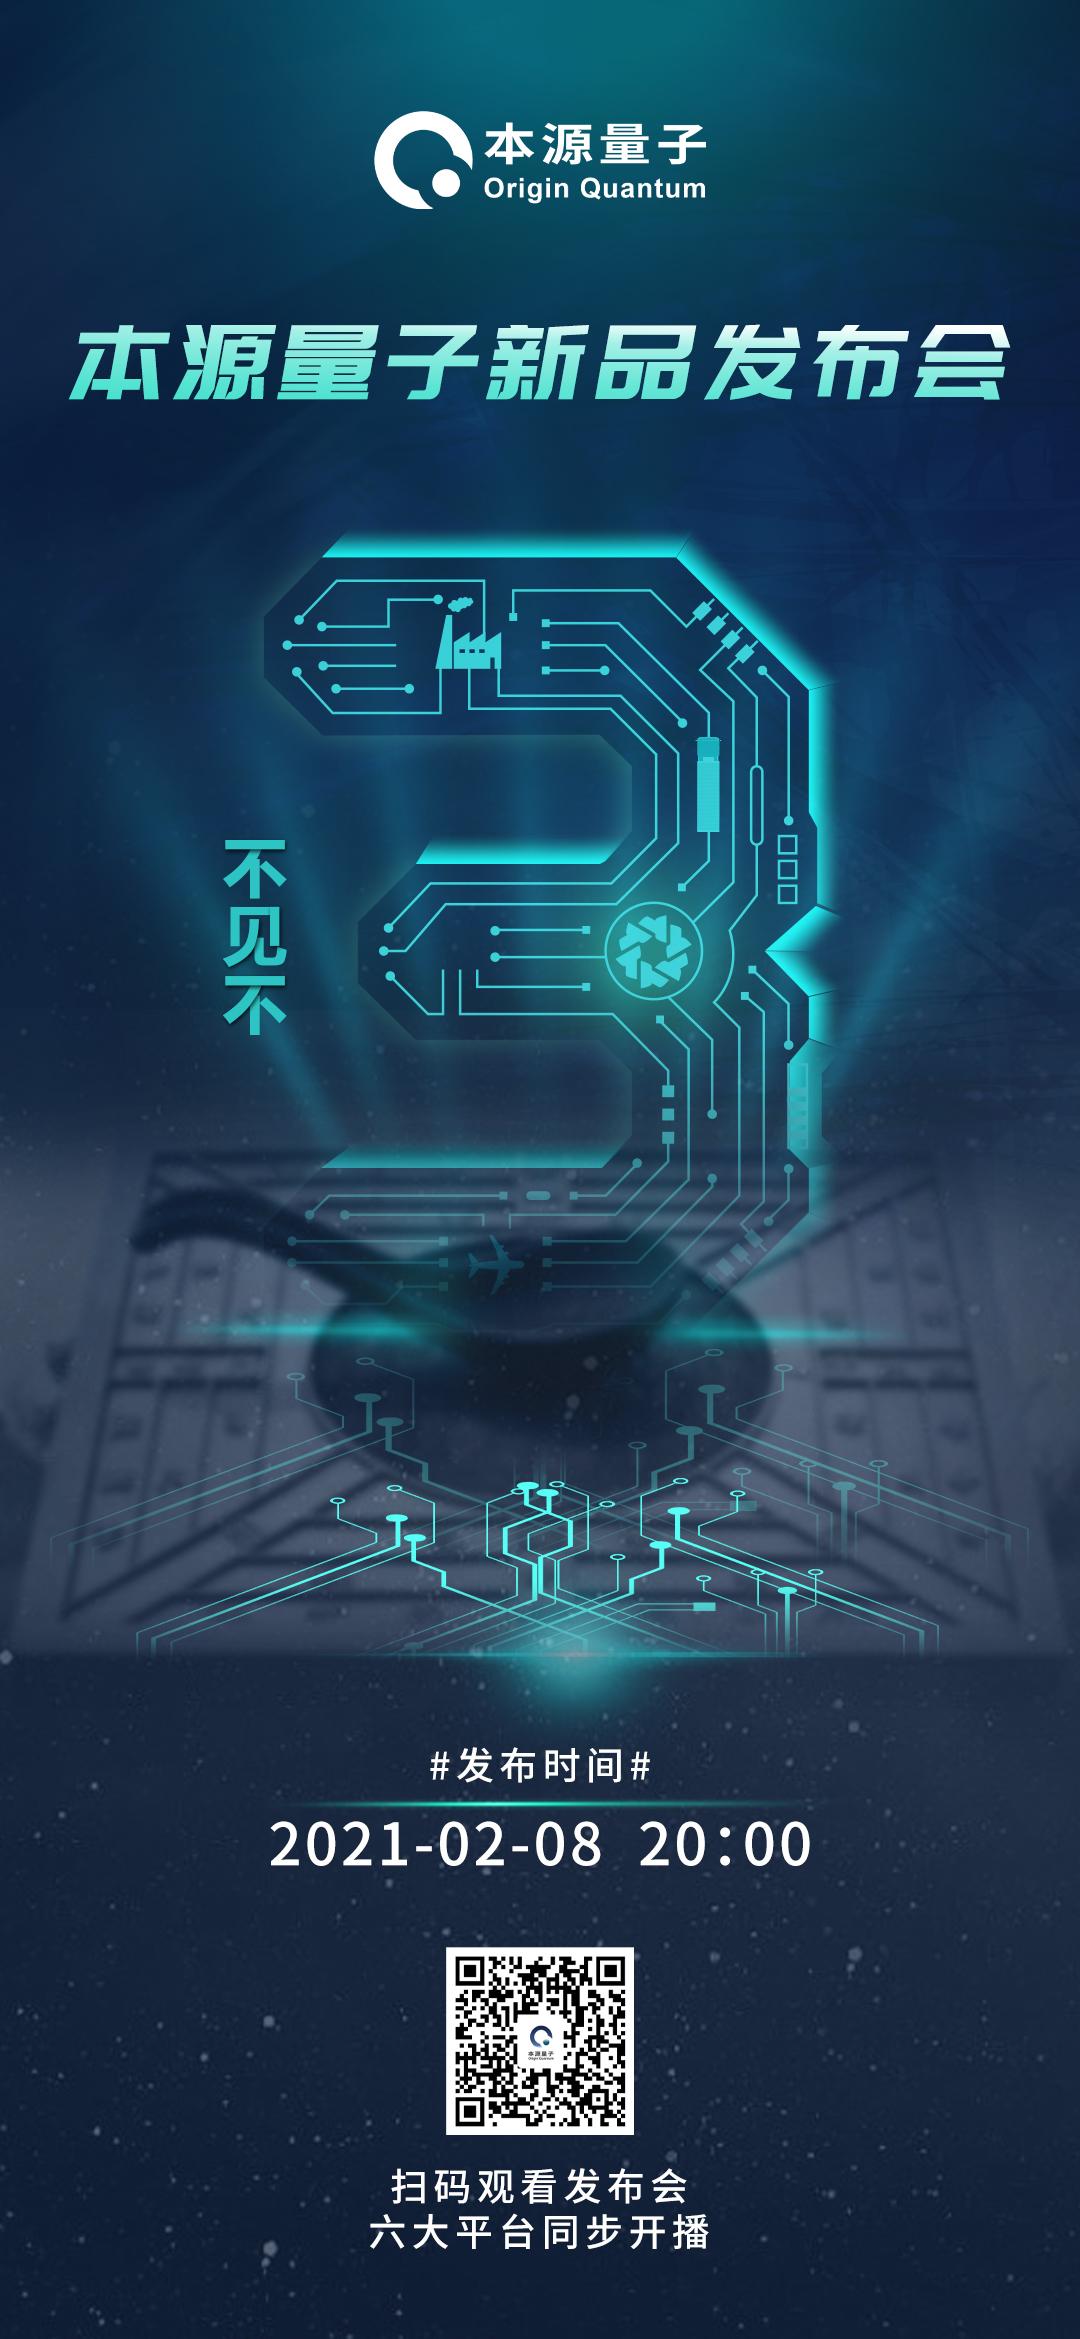 中国首个量子计算机操作系统即将亮相  请查收这封来自量子计算世界的邀请函!